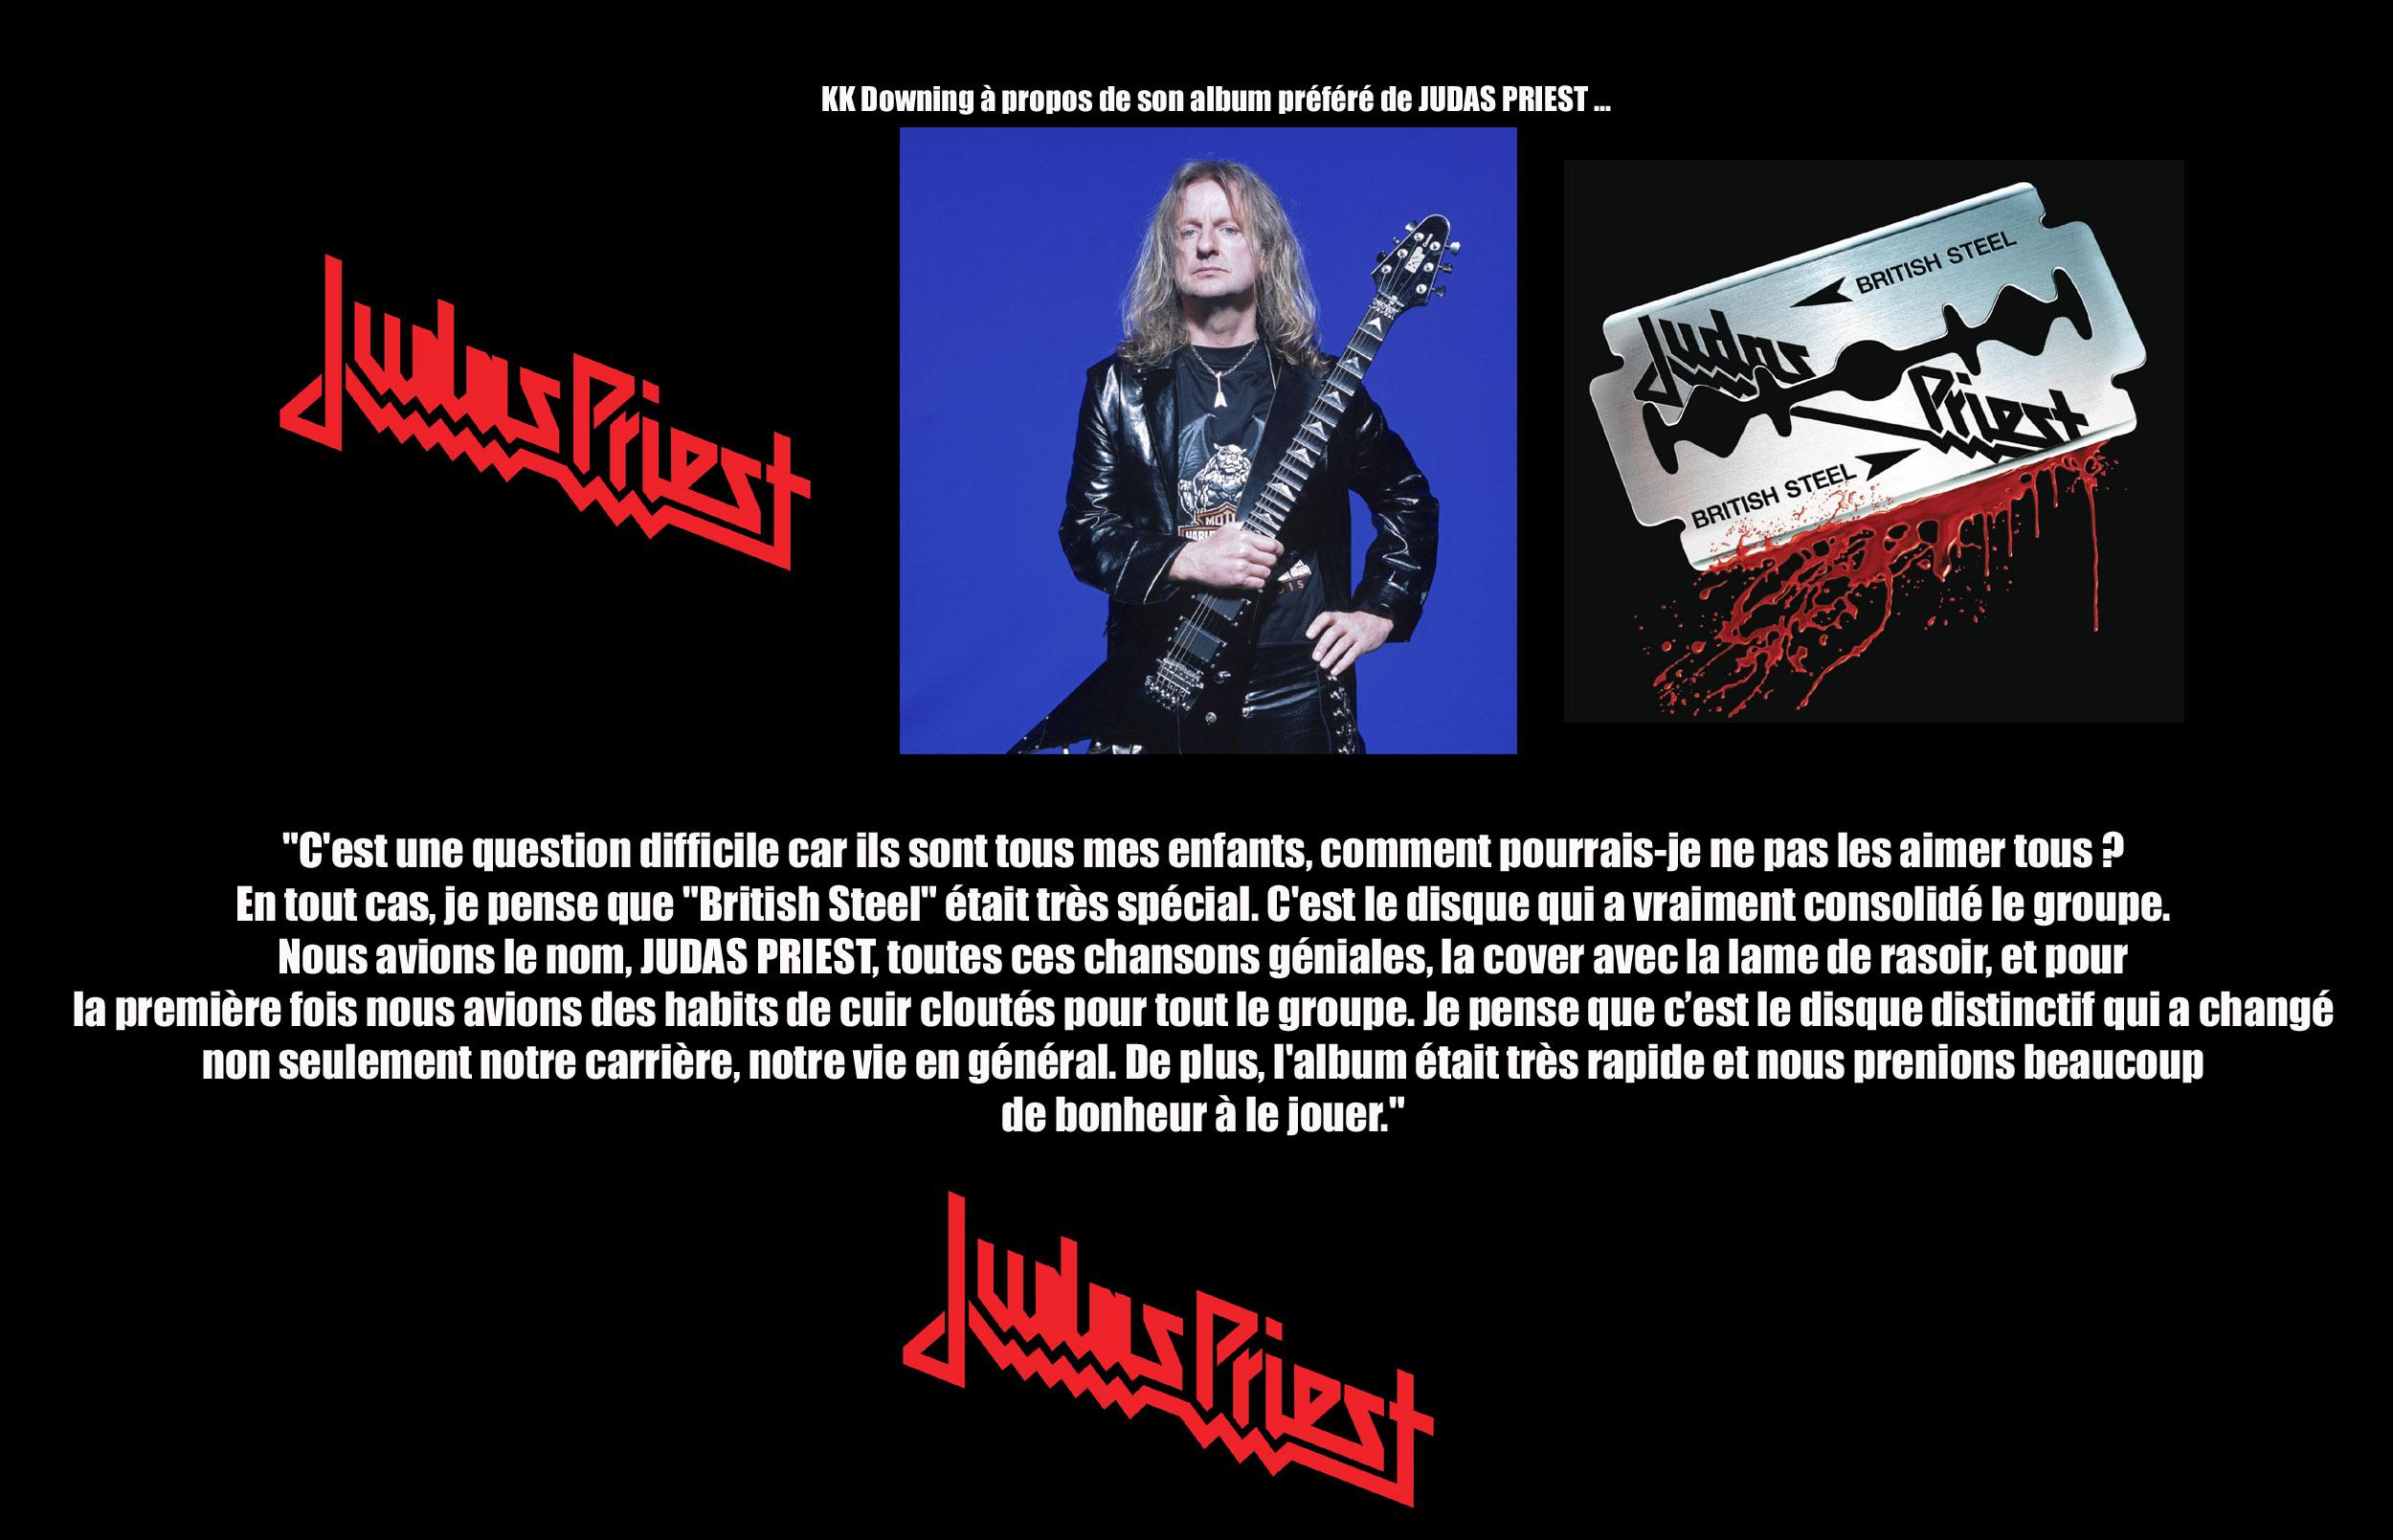 KK Downing à propos de son album préféré de JUDAS PRIEST ... Judas_11